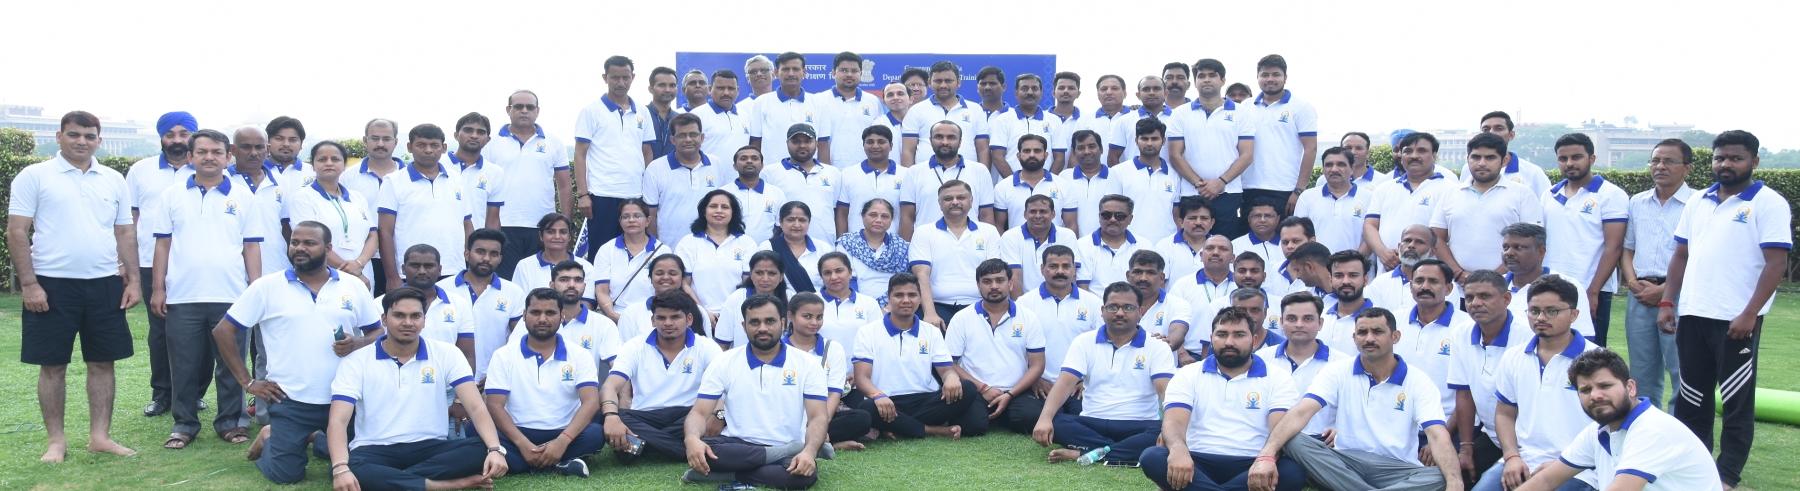 पांचवें अंतर्राष्ट्रीय योग दिवस पर भव्य योग कार्यक्रम का आयोजन